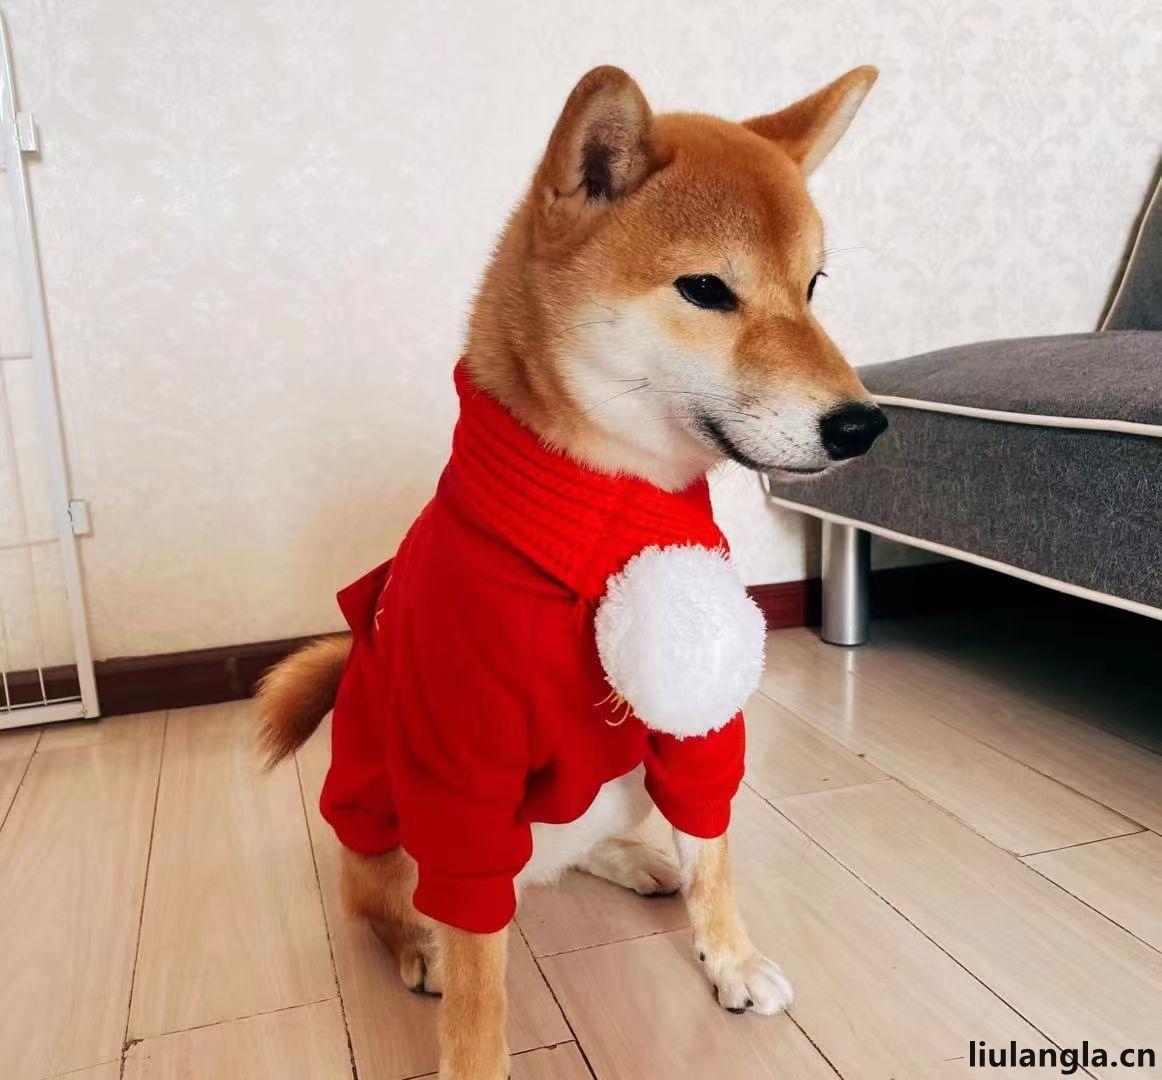 北京市宠物领养。领养狗狗